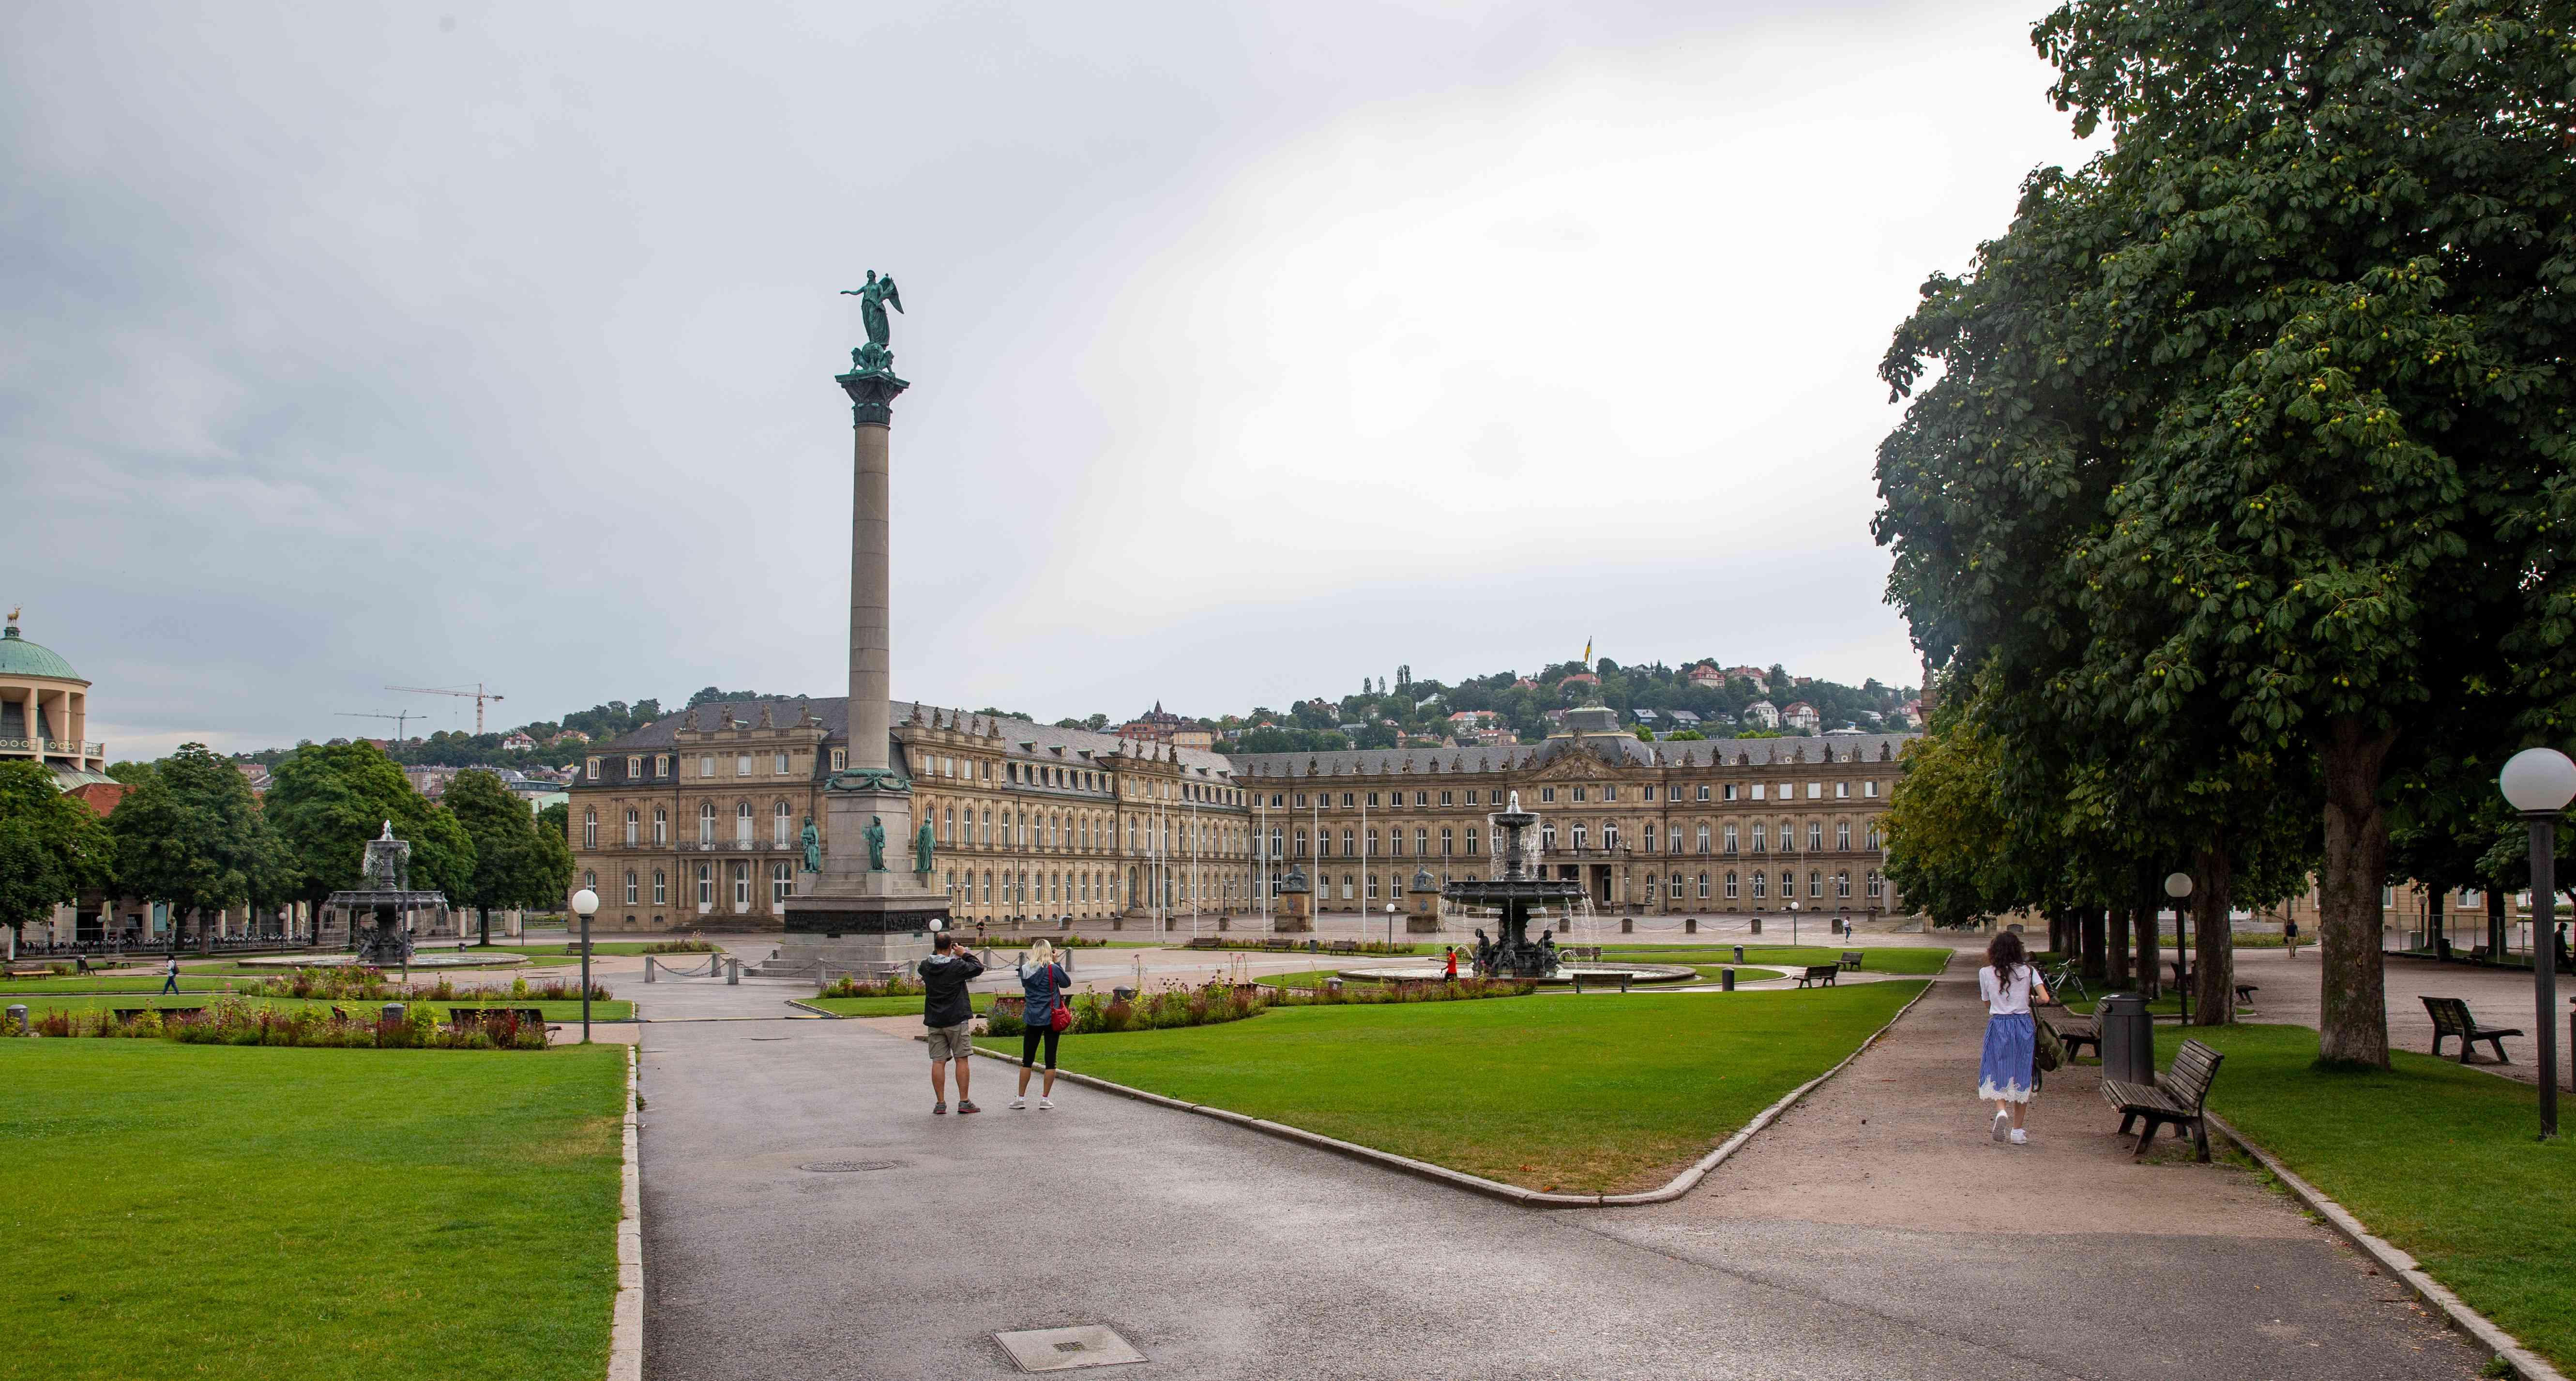 Wide view of Schlossplatz